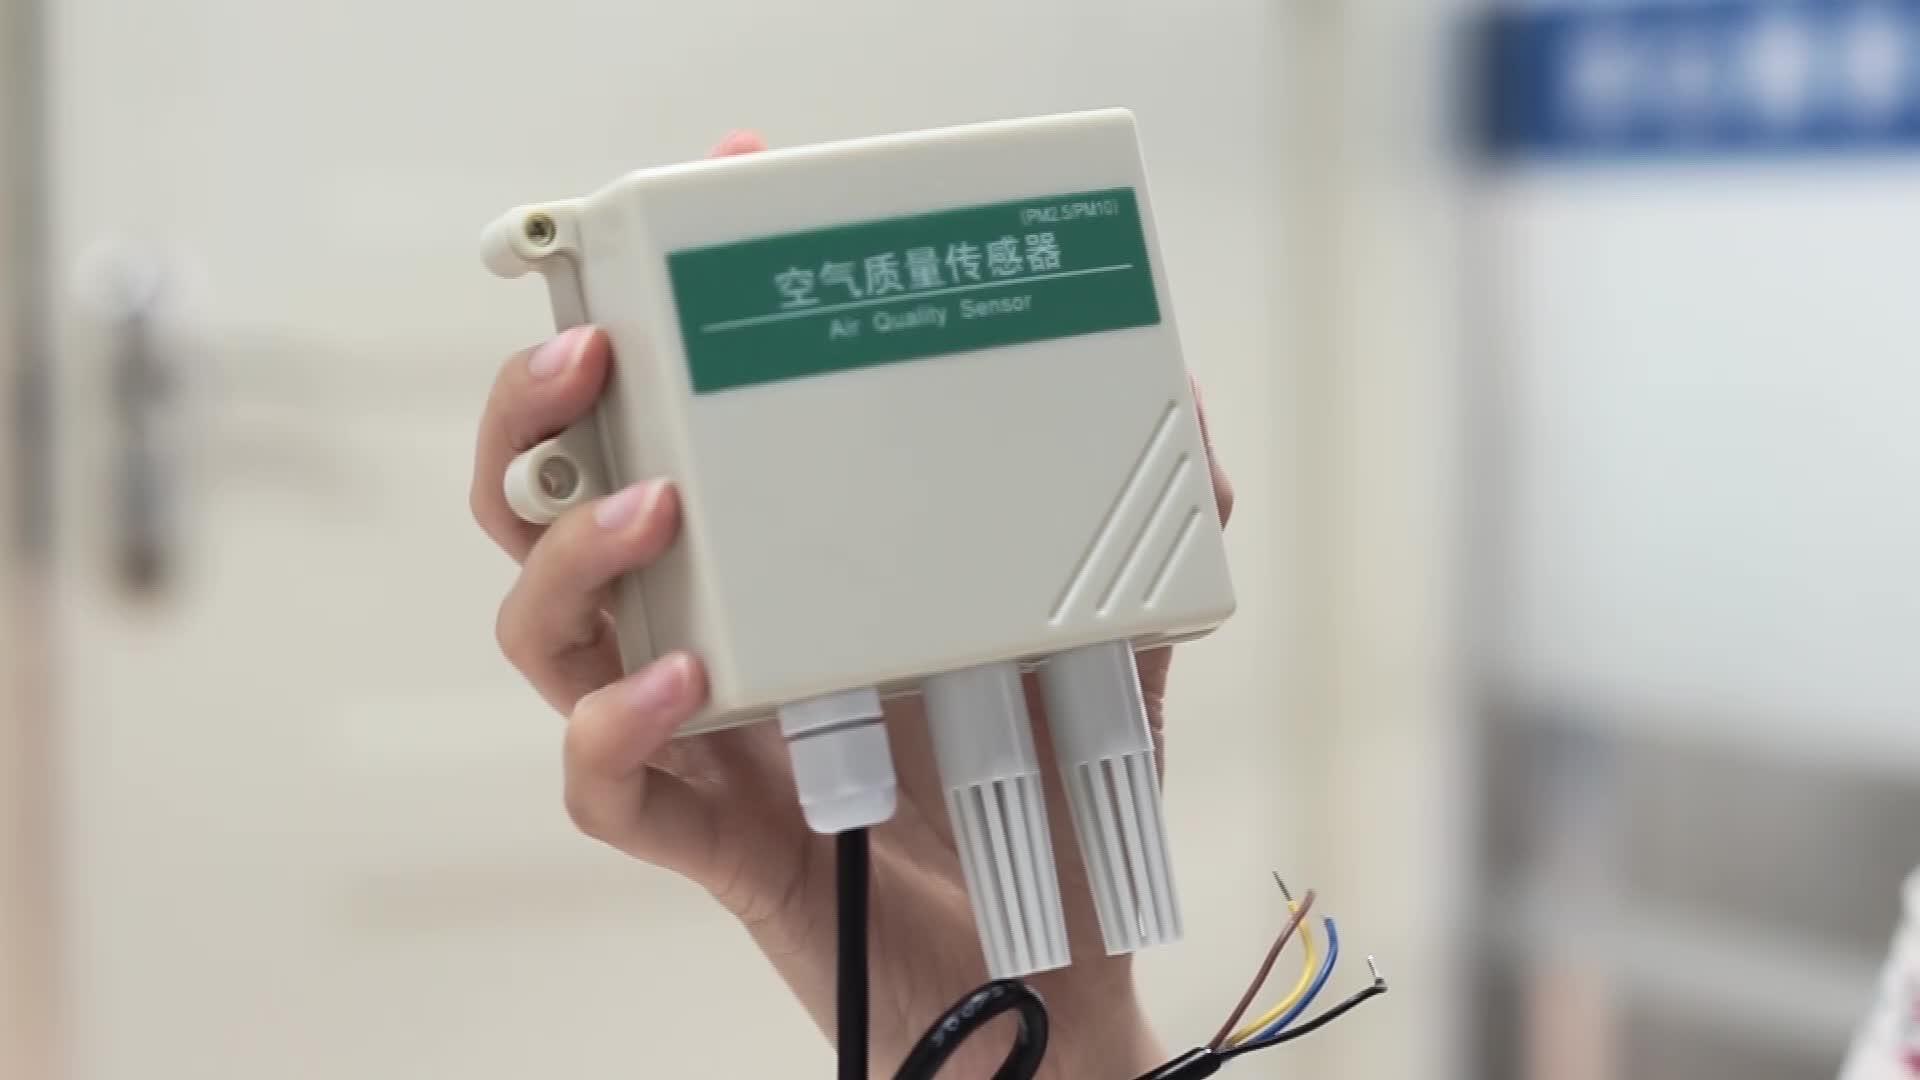 2019 0-5V sortie portable compteur de qualité d'air de poussière pm2.5 pm10 capteur de particules